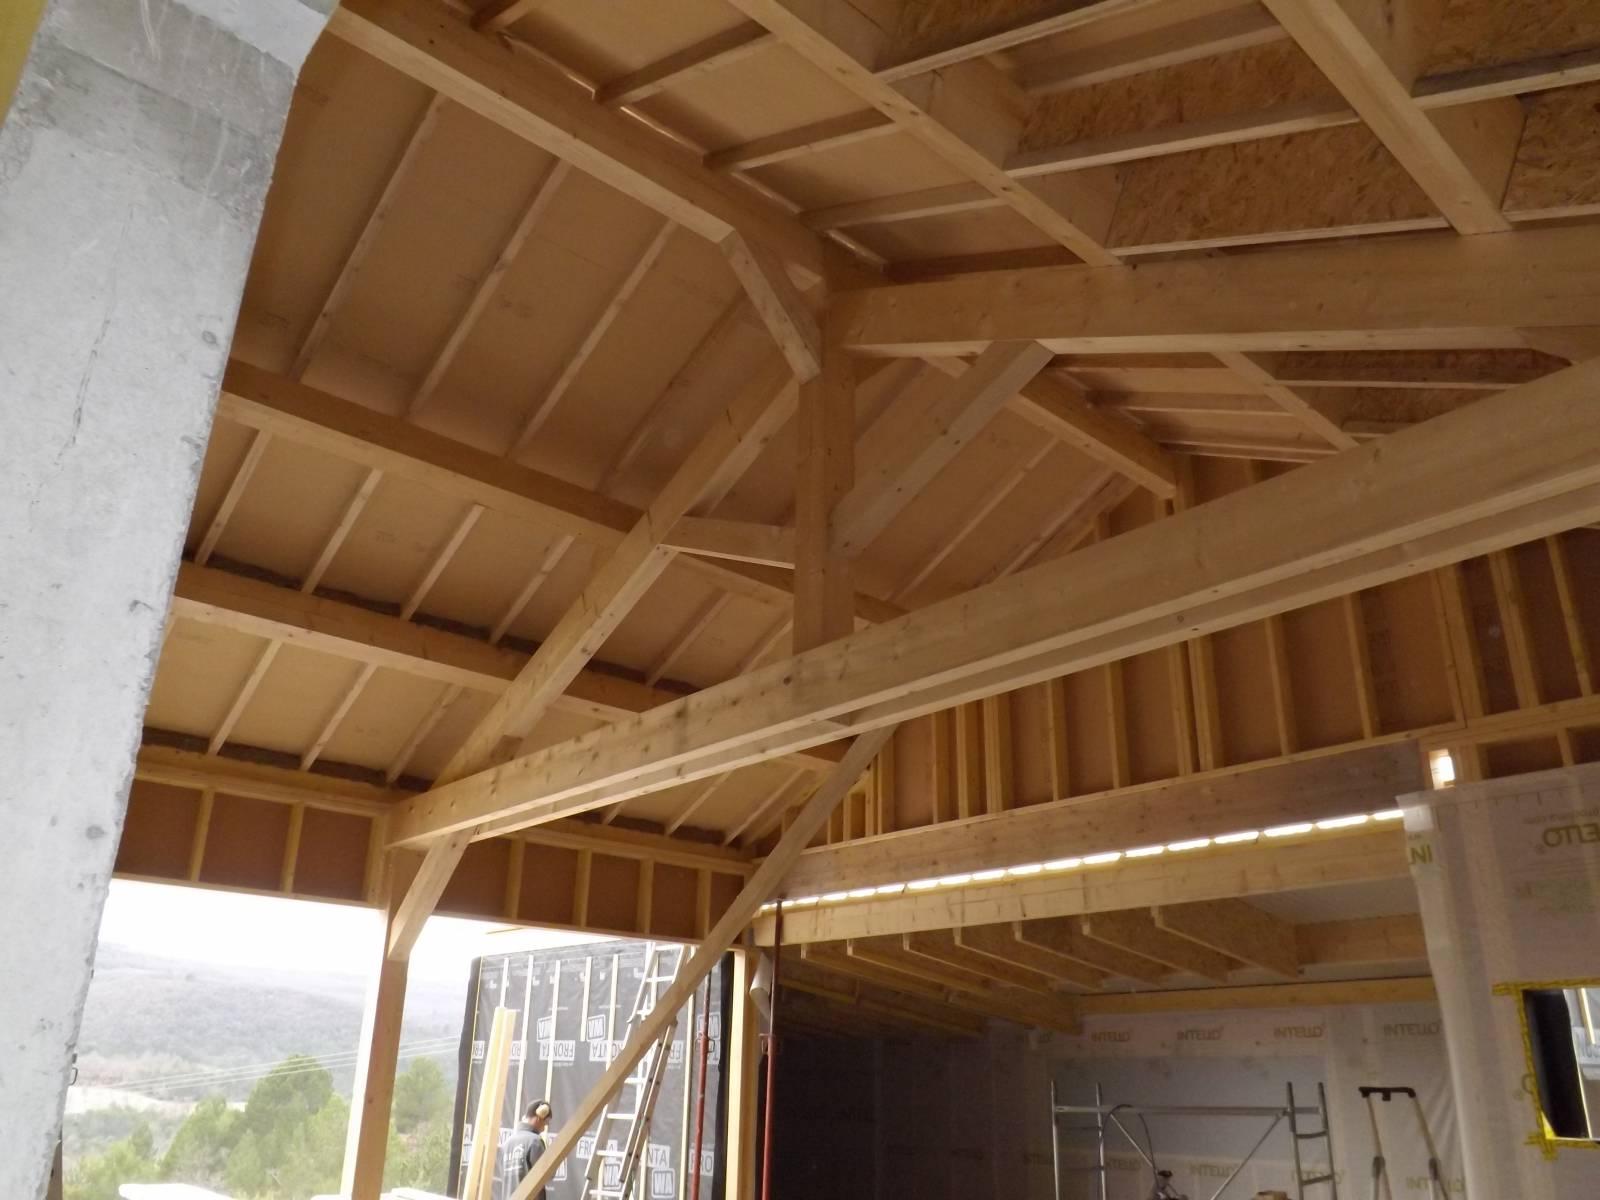 Maison ossature bois avec terrasse suspendueà Rochefort en Valdaine dans la Dr u00f4me Osébois # Maison Ossature Bois Drome